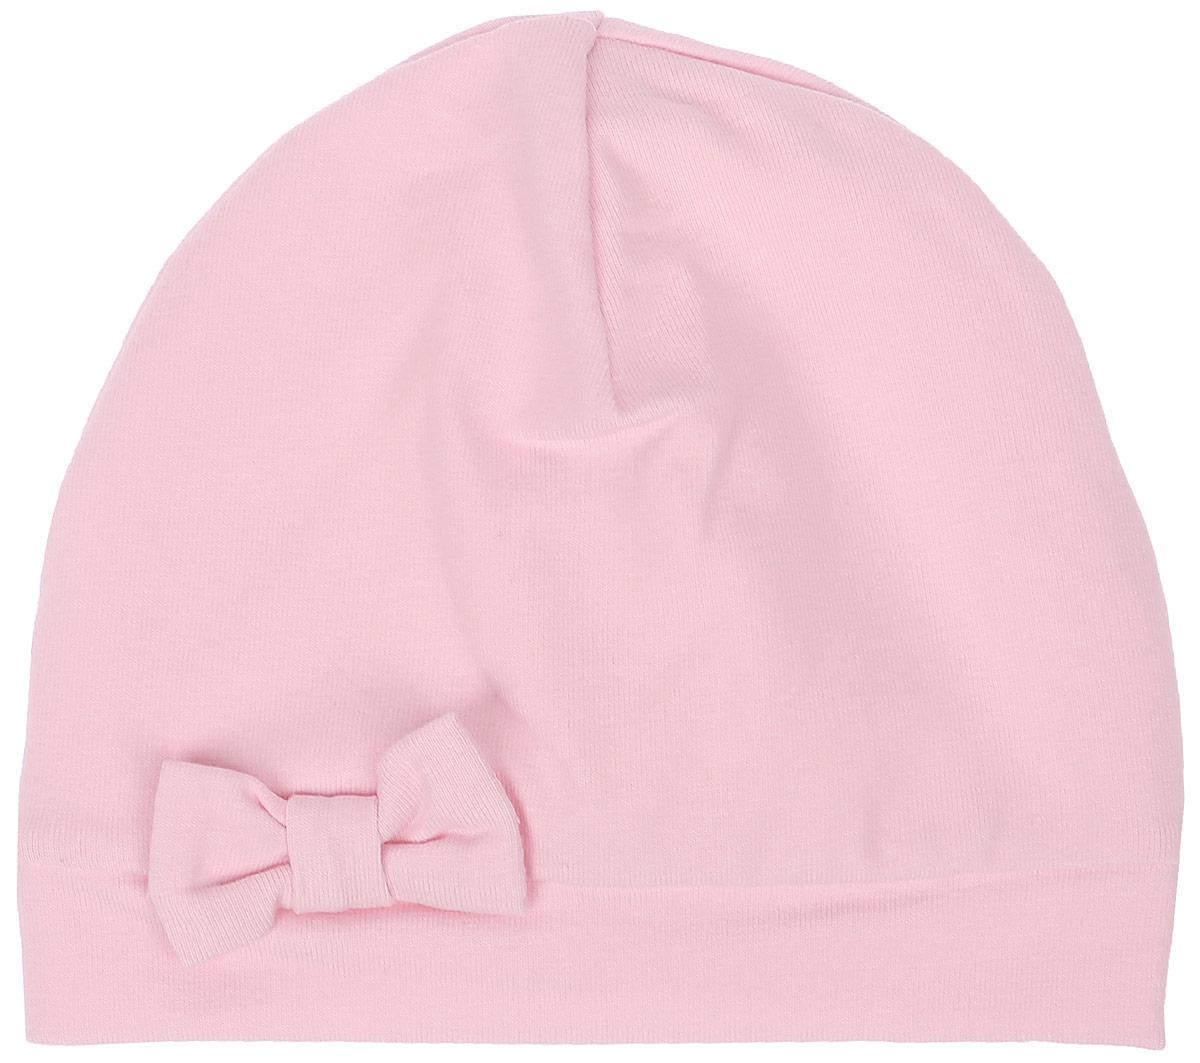 Шапка детская33-592Детская шапочка СовенокЯ изготовлена из натурального хлопка. Тонкая шапочка выполнена из двойного трикотажа. Спереди модель дополнена декоративным бантиком. Уважаемые клиенты! Размер, доступный для заказа, является обхватом головы.